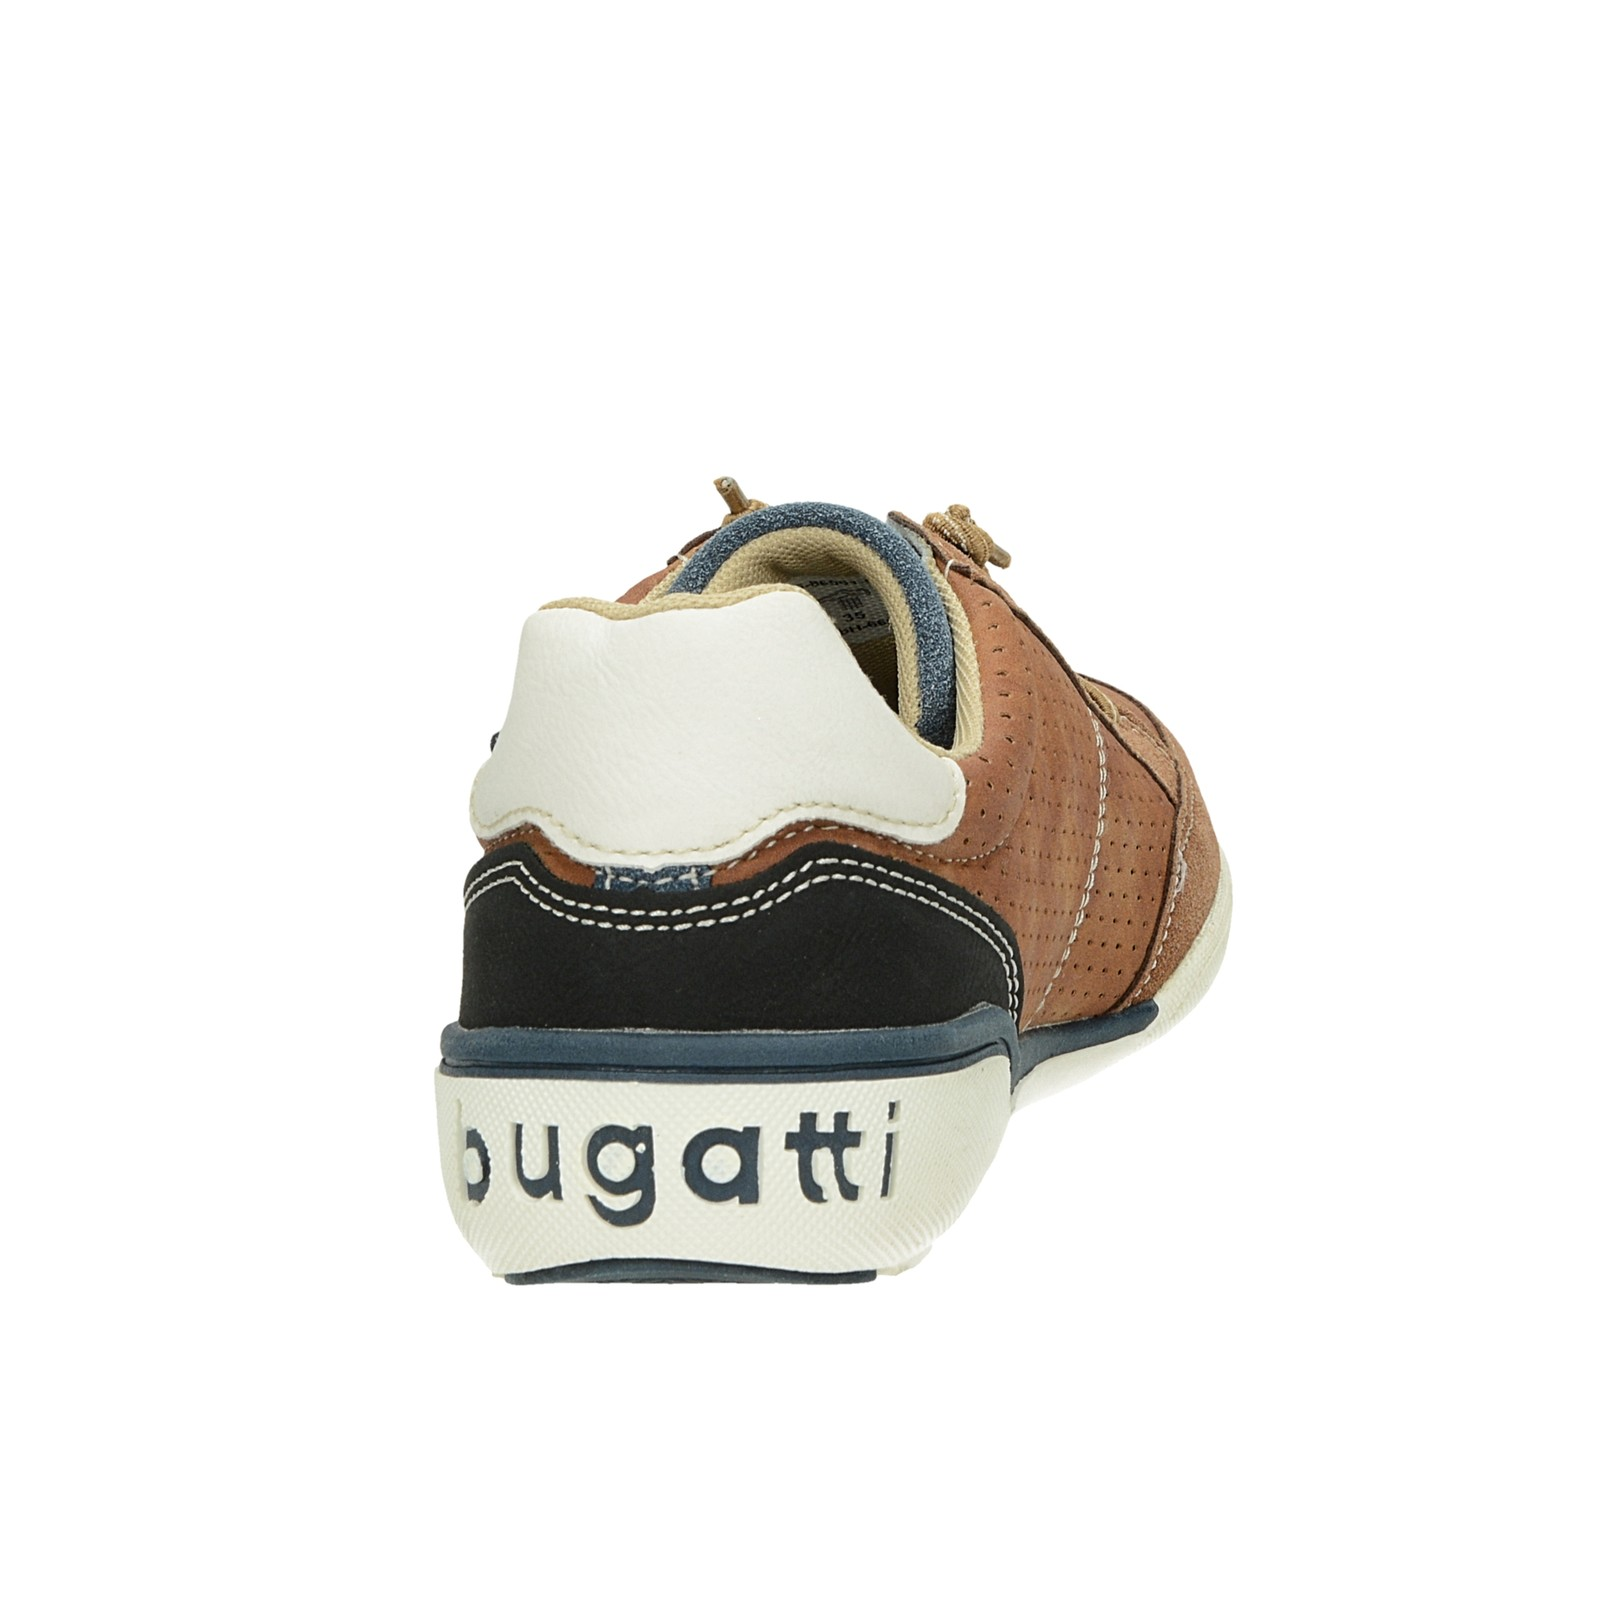 Bugatti pánske štýlové tenisky - hnedé